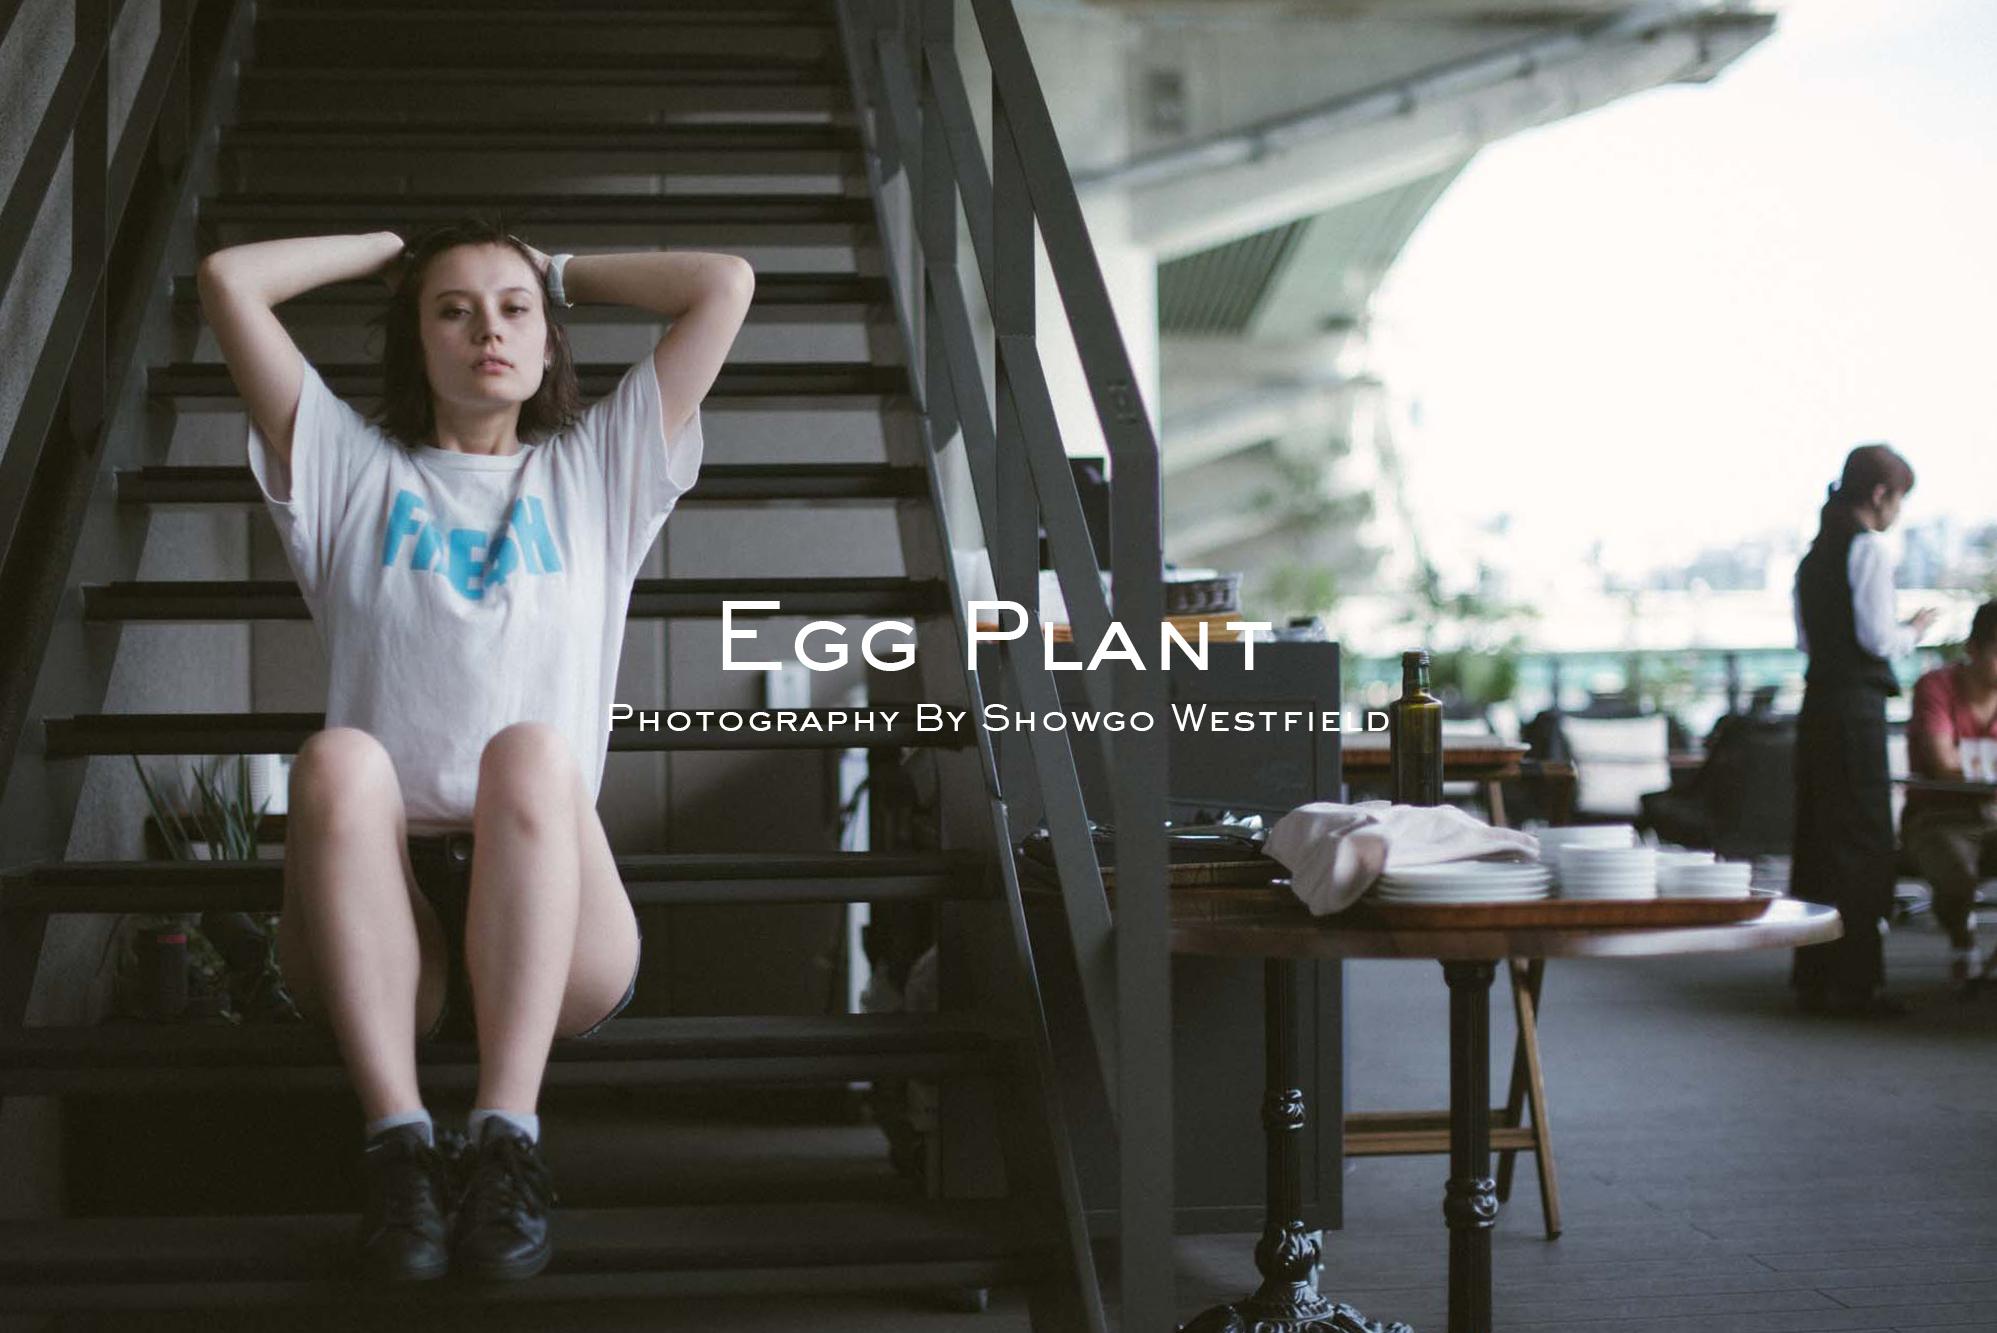 egg plant model